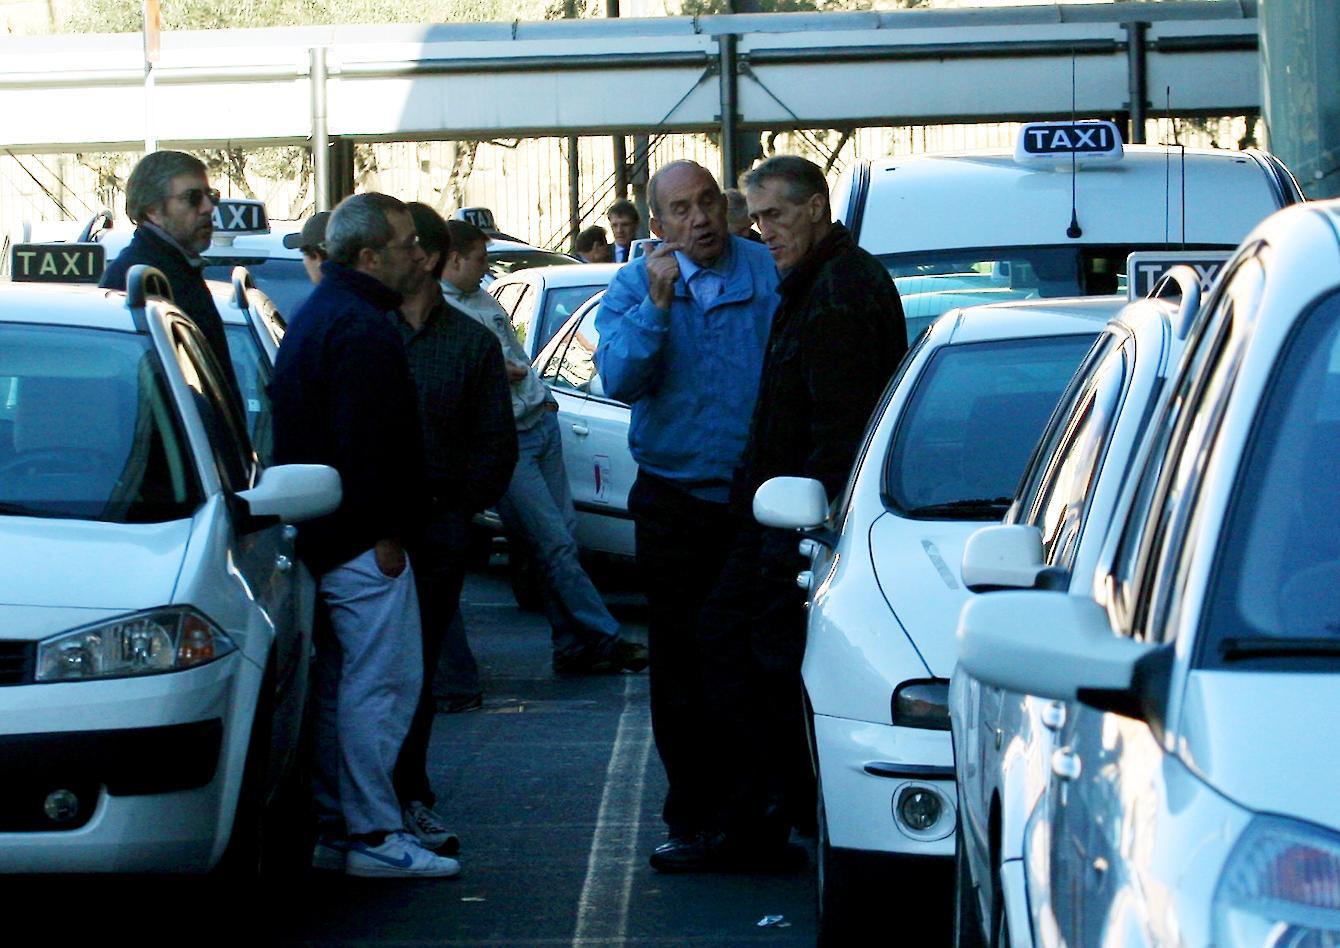 Taxi in coda all'aeroporto di Ciampino (Jpeg)